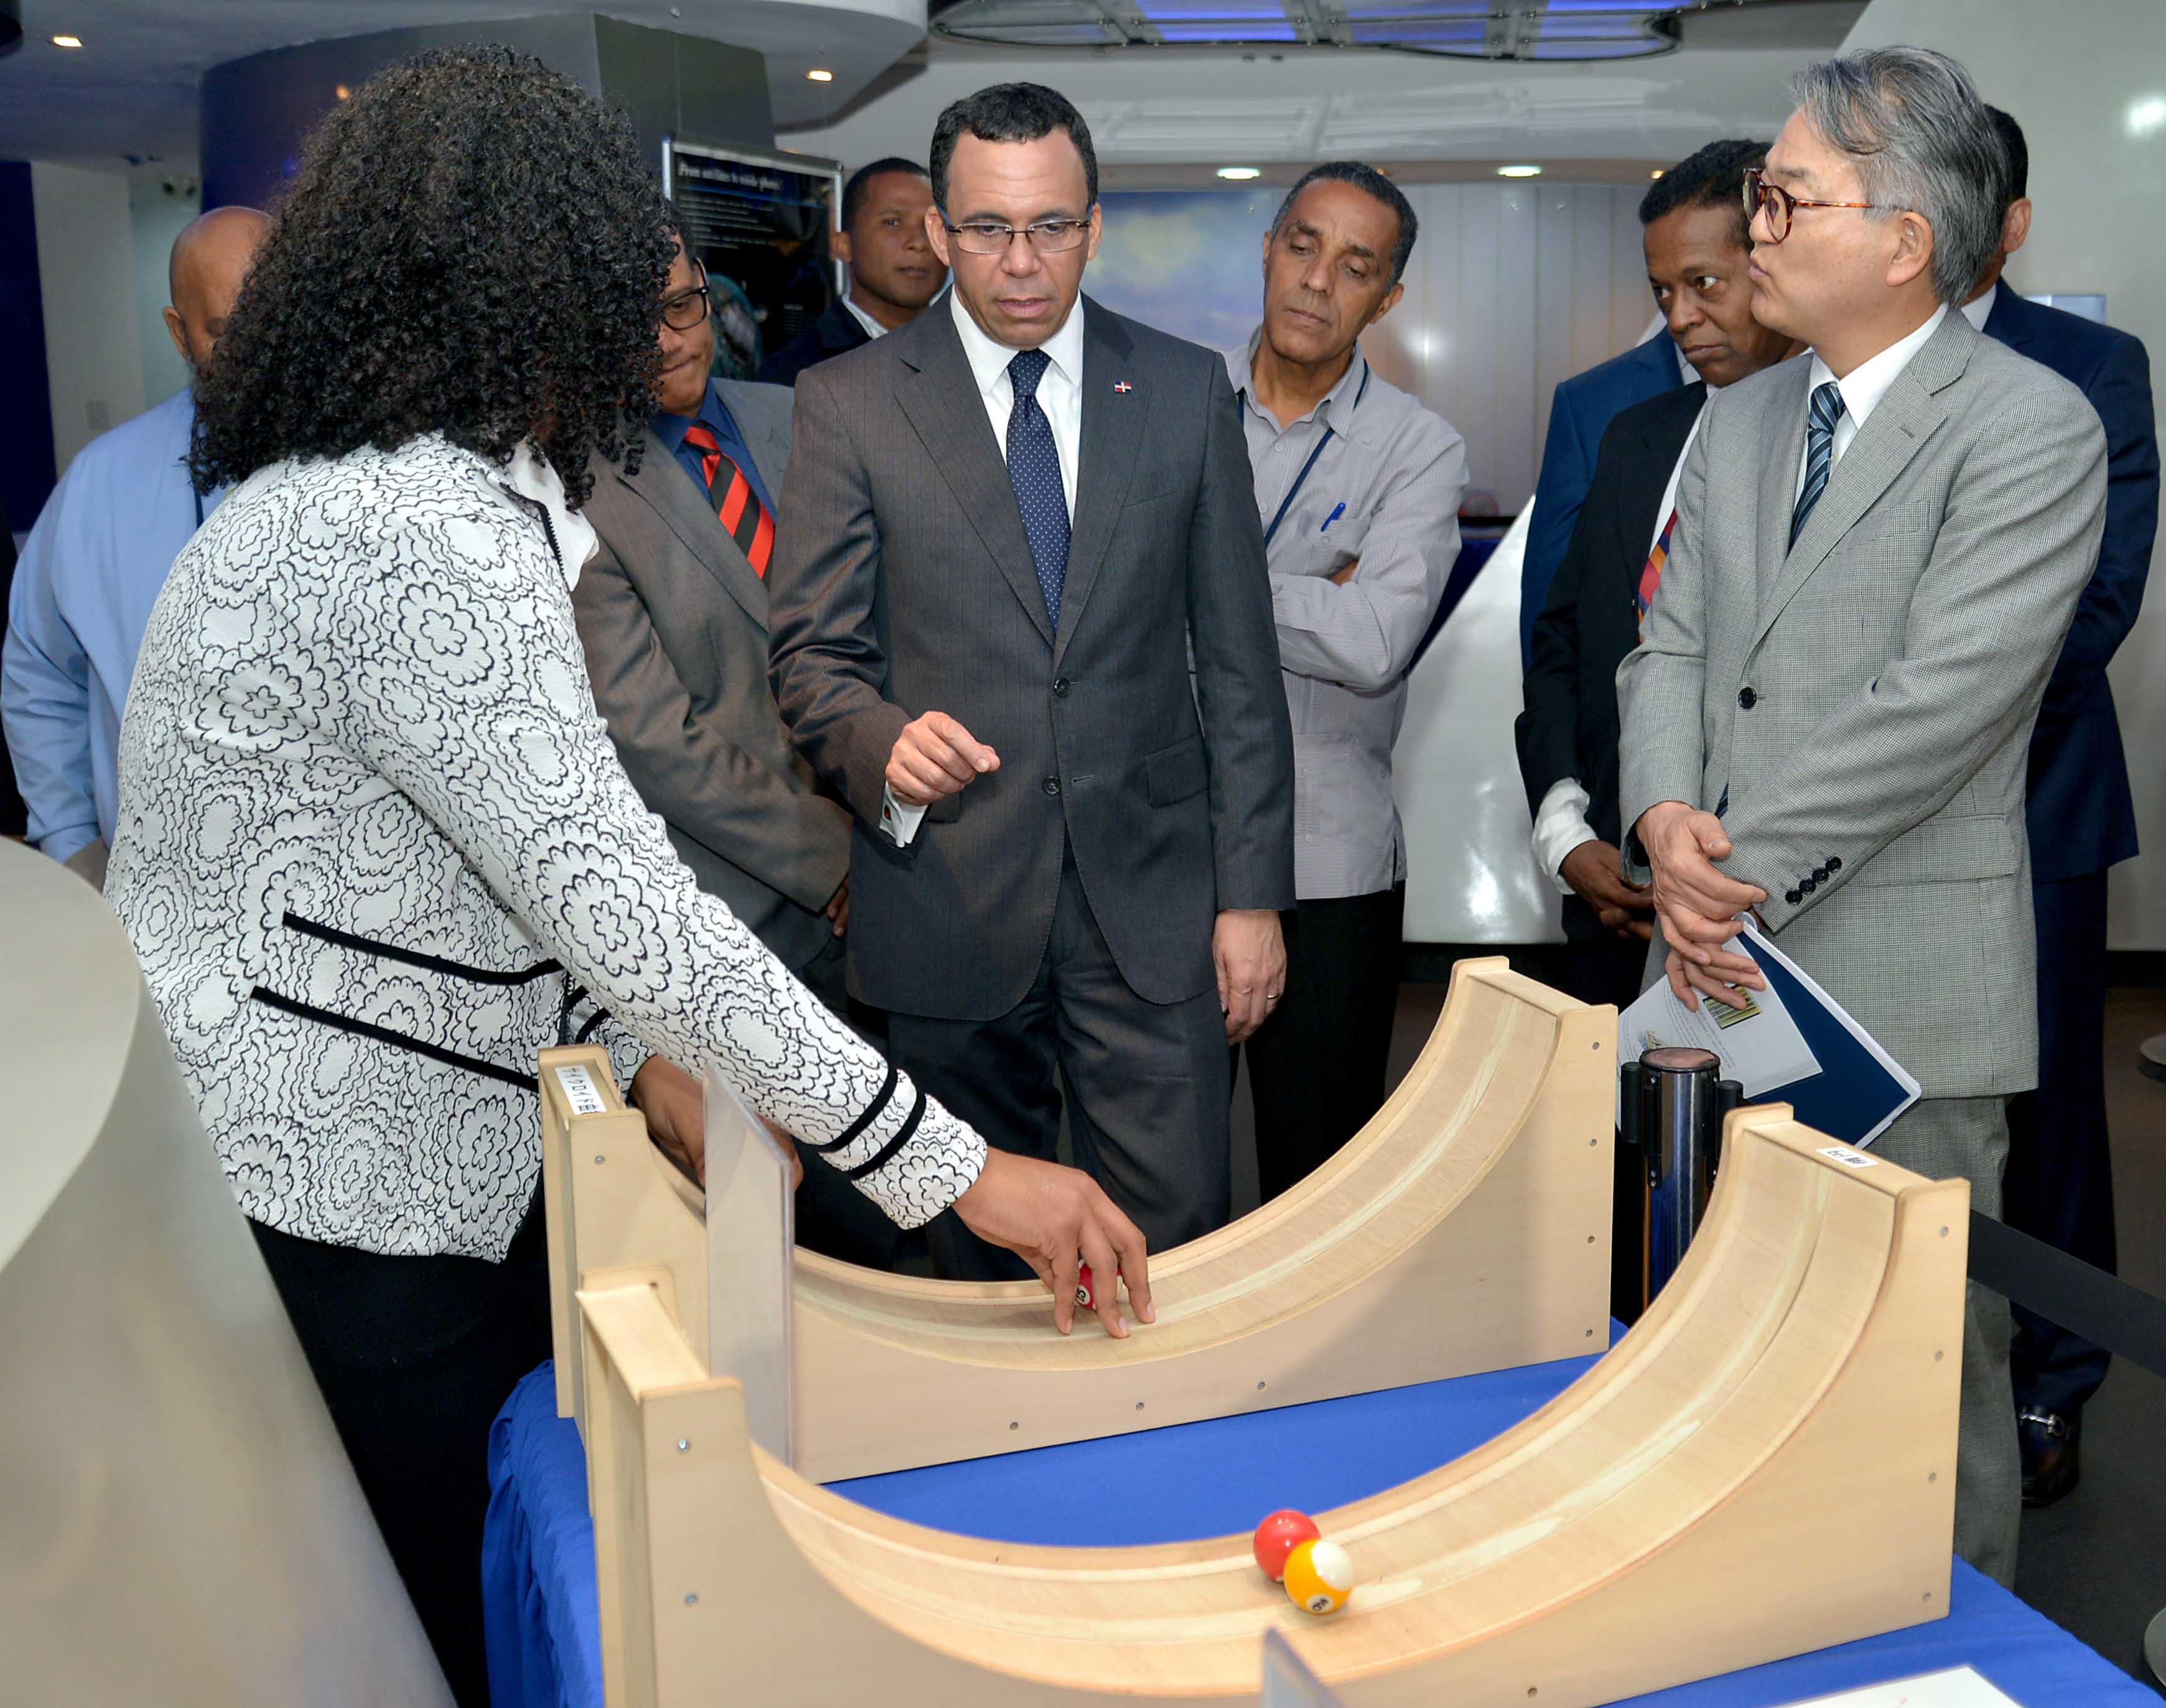 imagen Ministro Andrés Navarro junto a embajador de Japón en RD recorren museo de Matemáticas